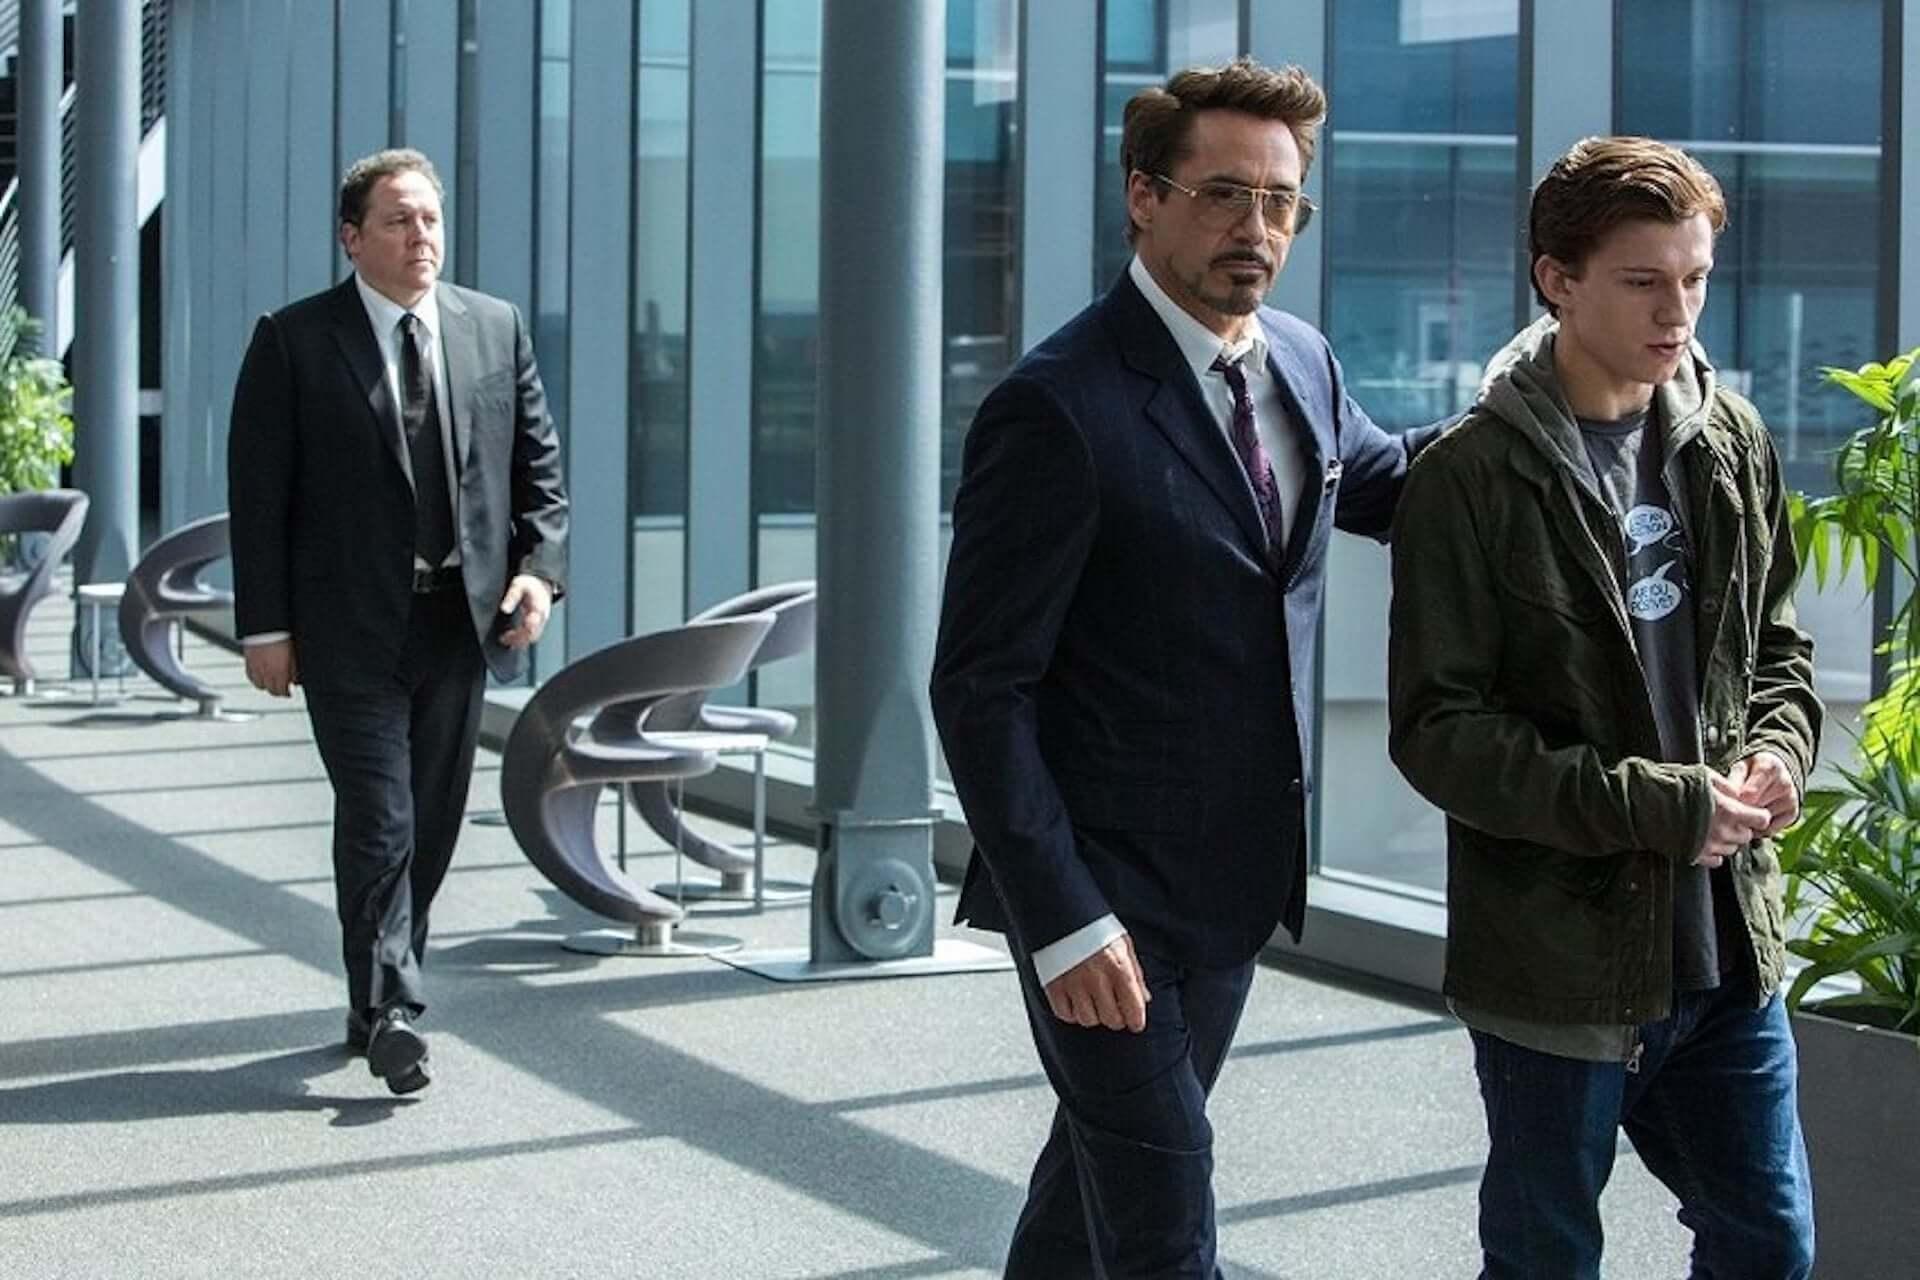 「スパイダーマン」トム・ホランドと「アイアンマン」ロバート・ダウニーJr.は私生活でも師弟関係だった? film190911_tomholland_robertdowneyjr_main-1920x1280